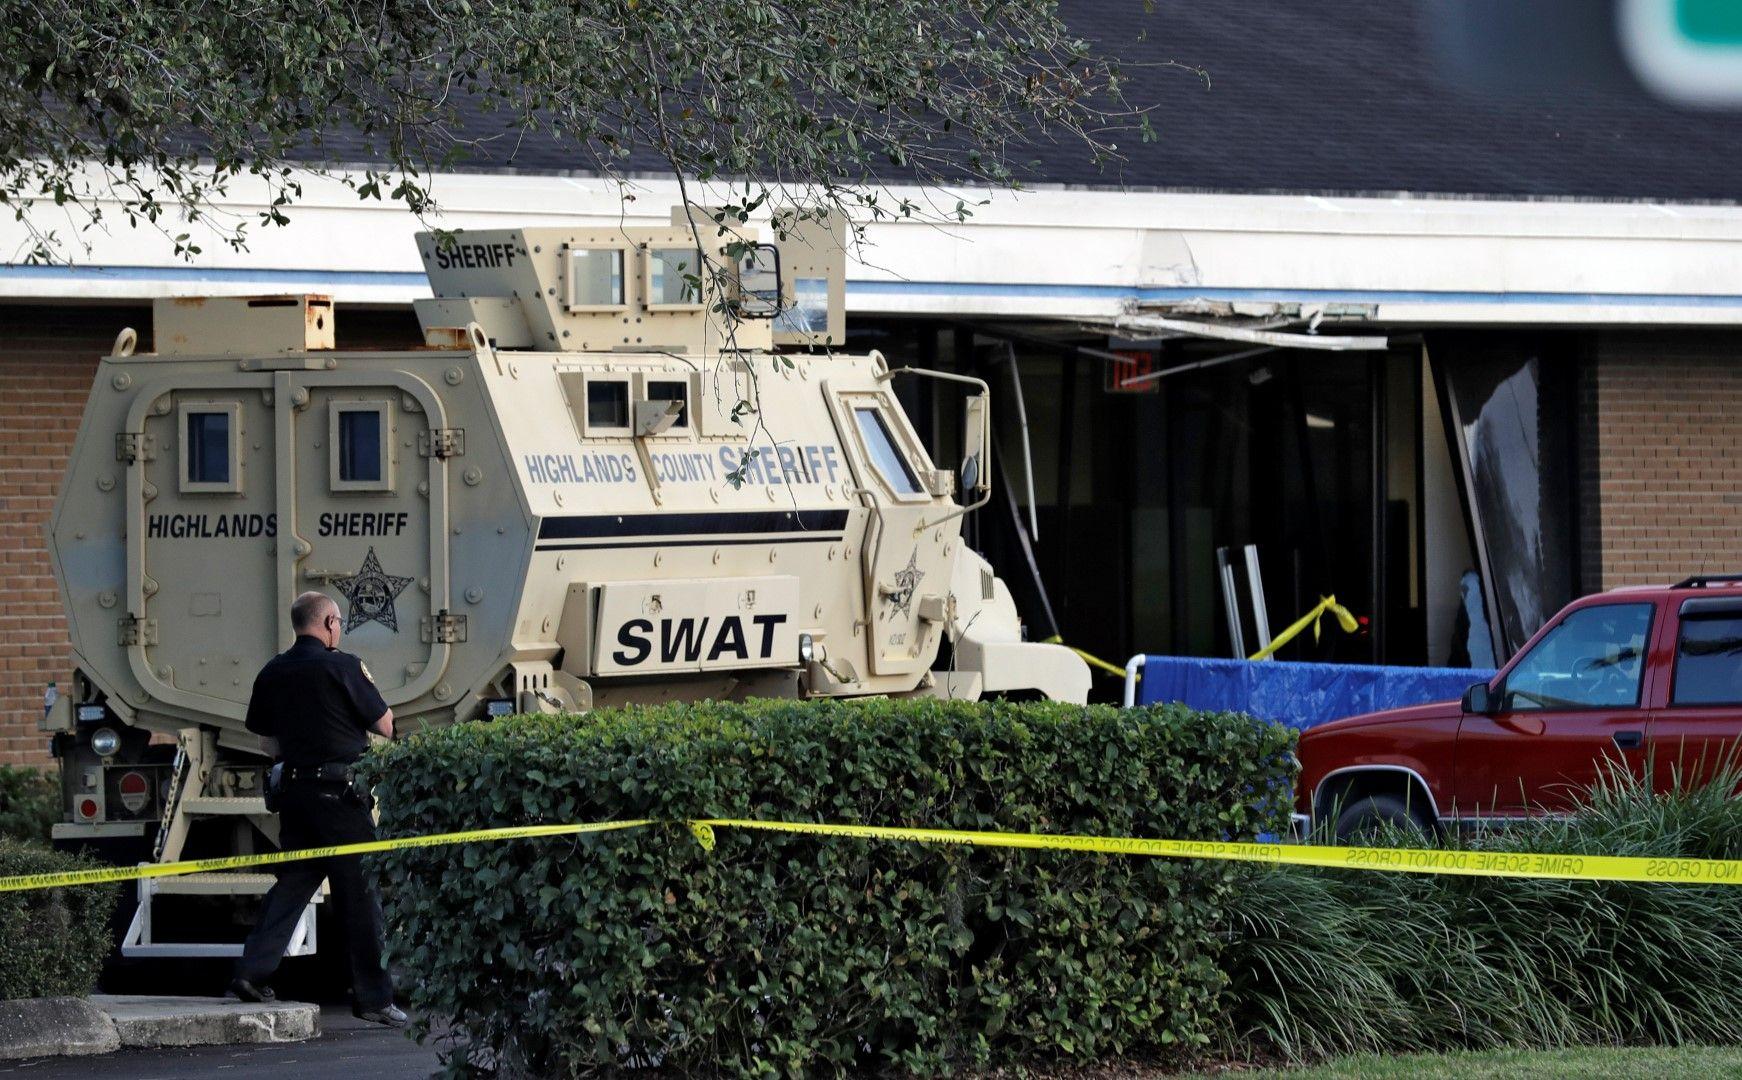 Екип на SWAT проведе преговорите и убеди убиеца да се предаде